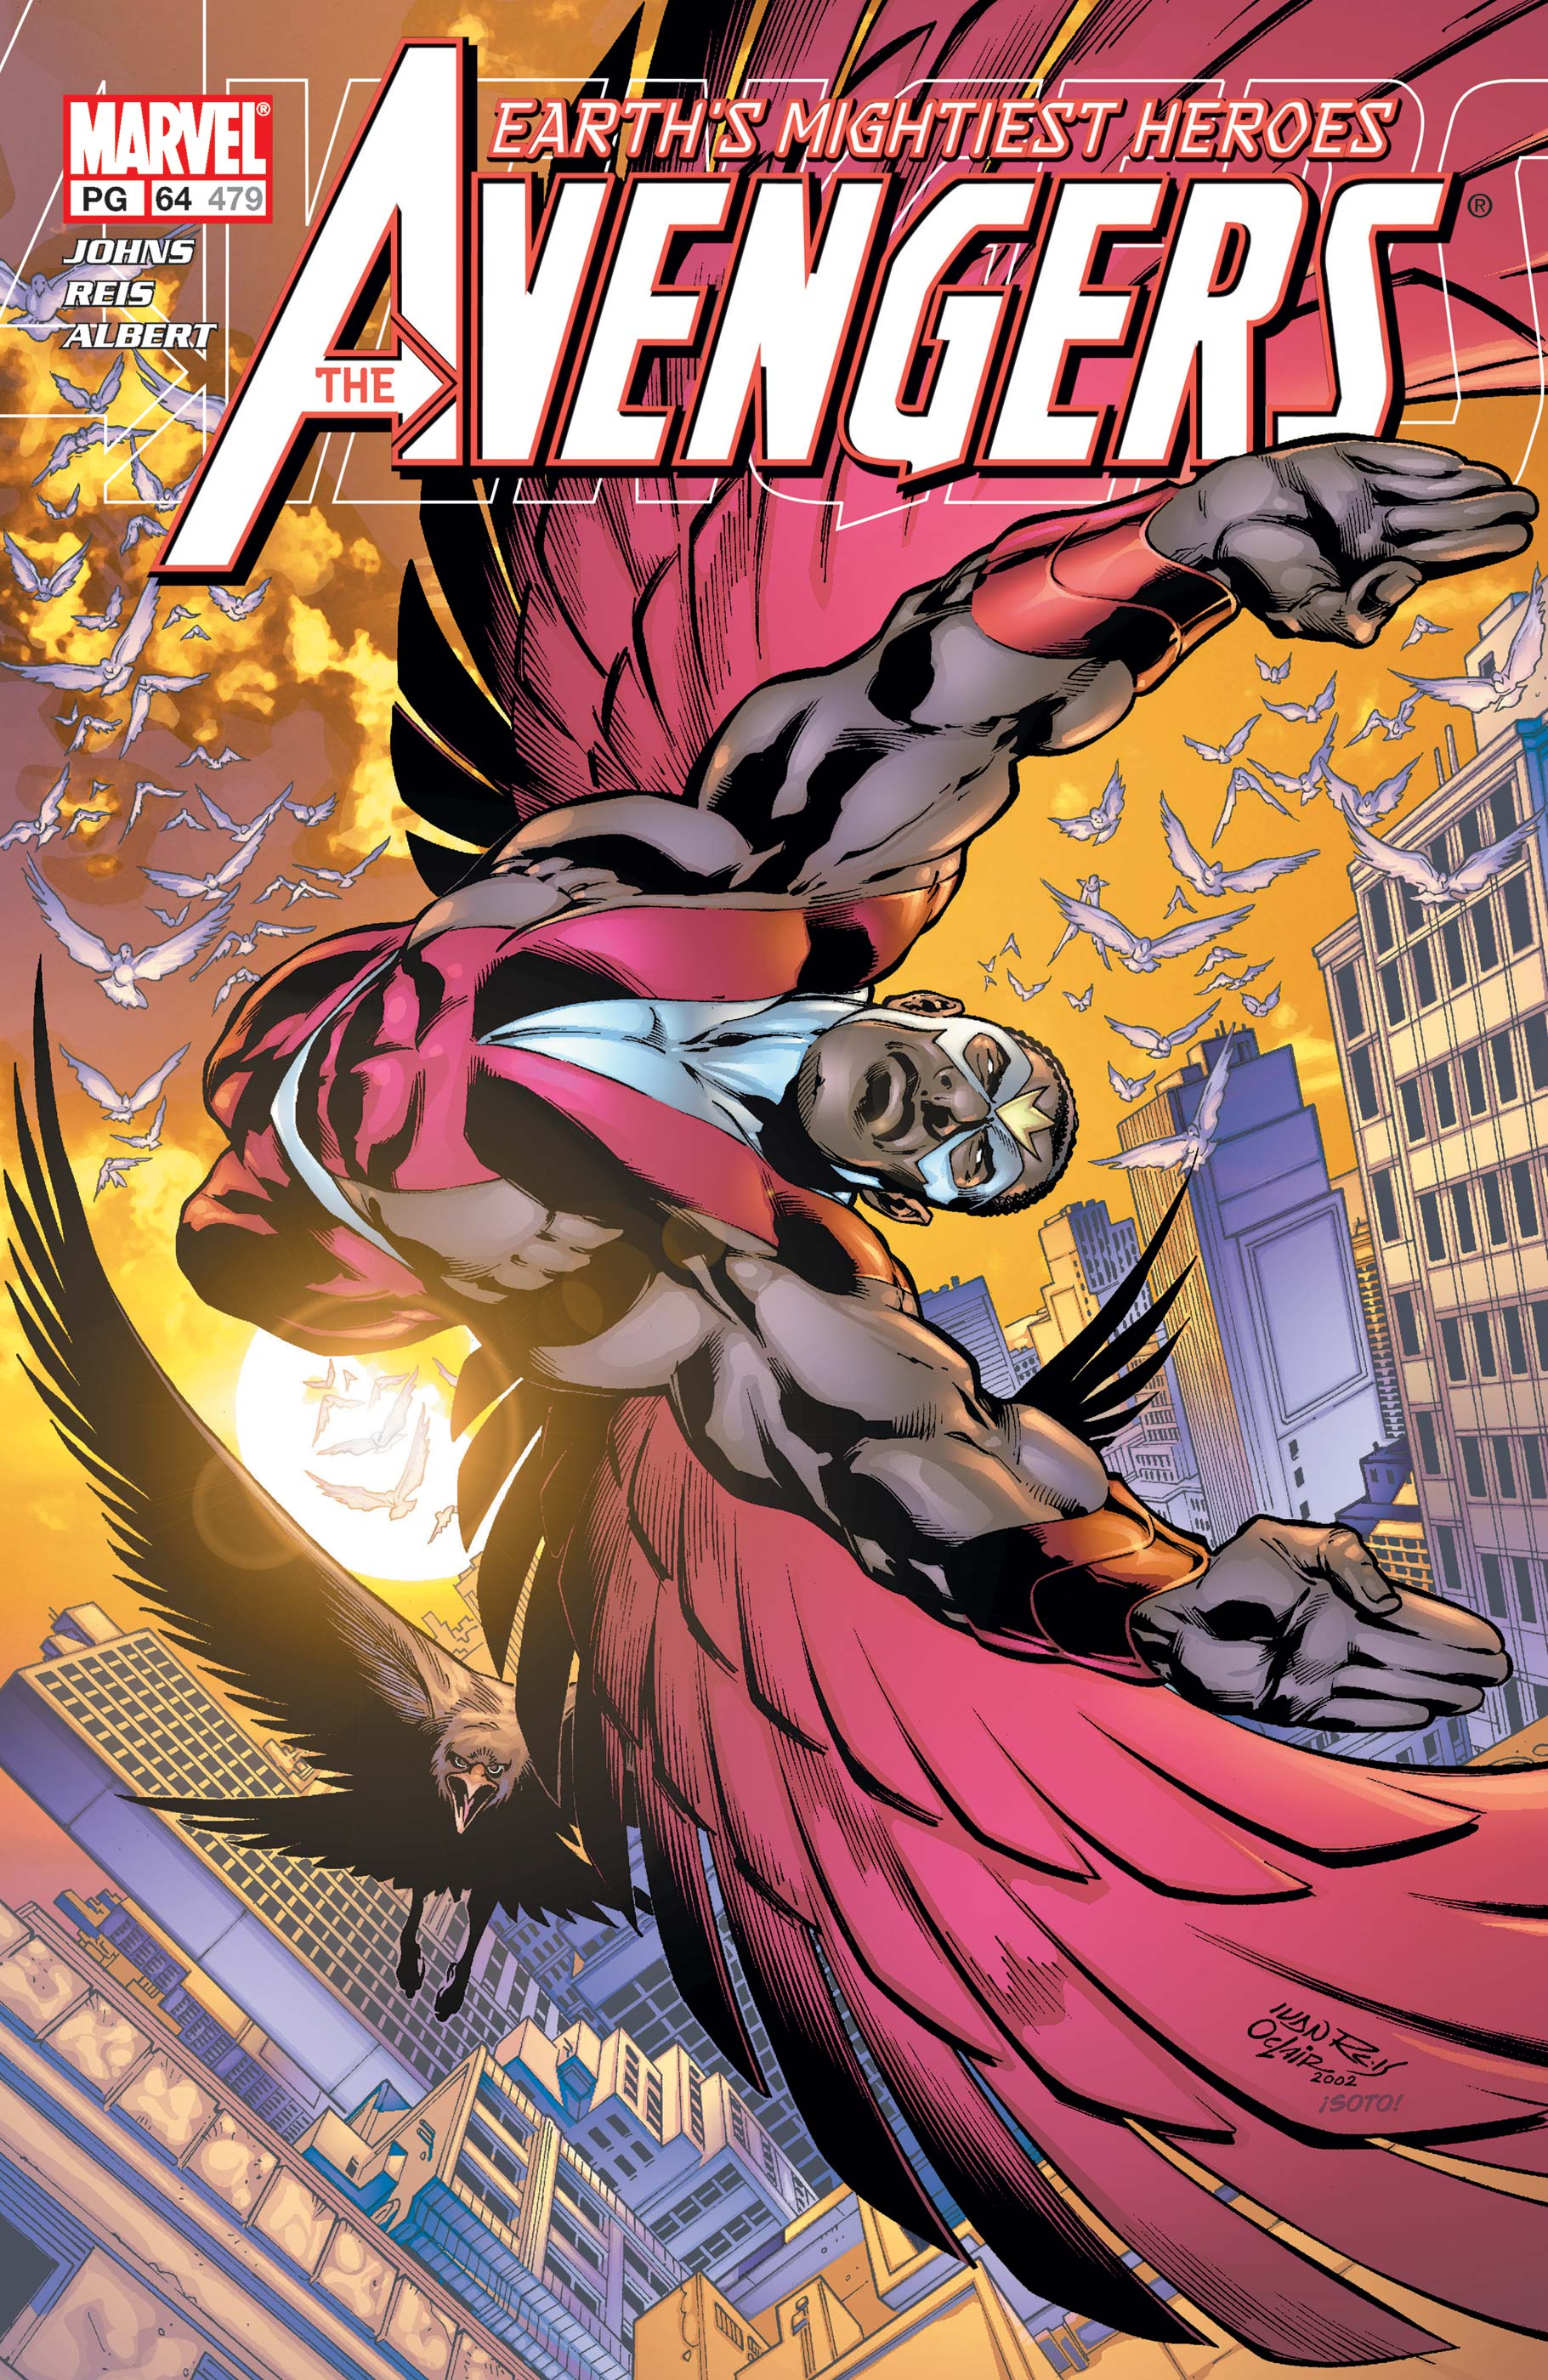 Avengers (1998) #64